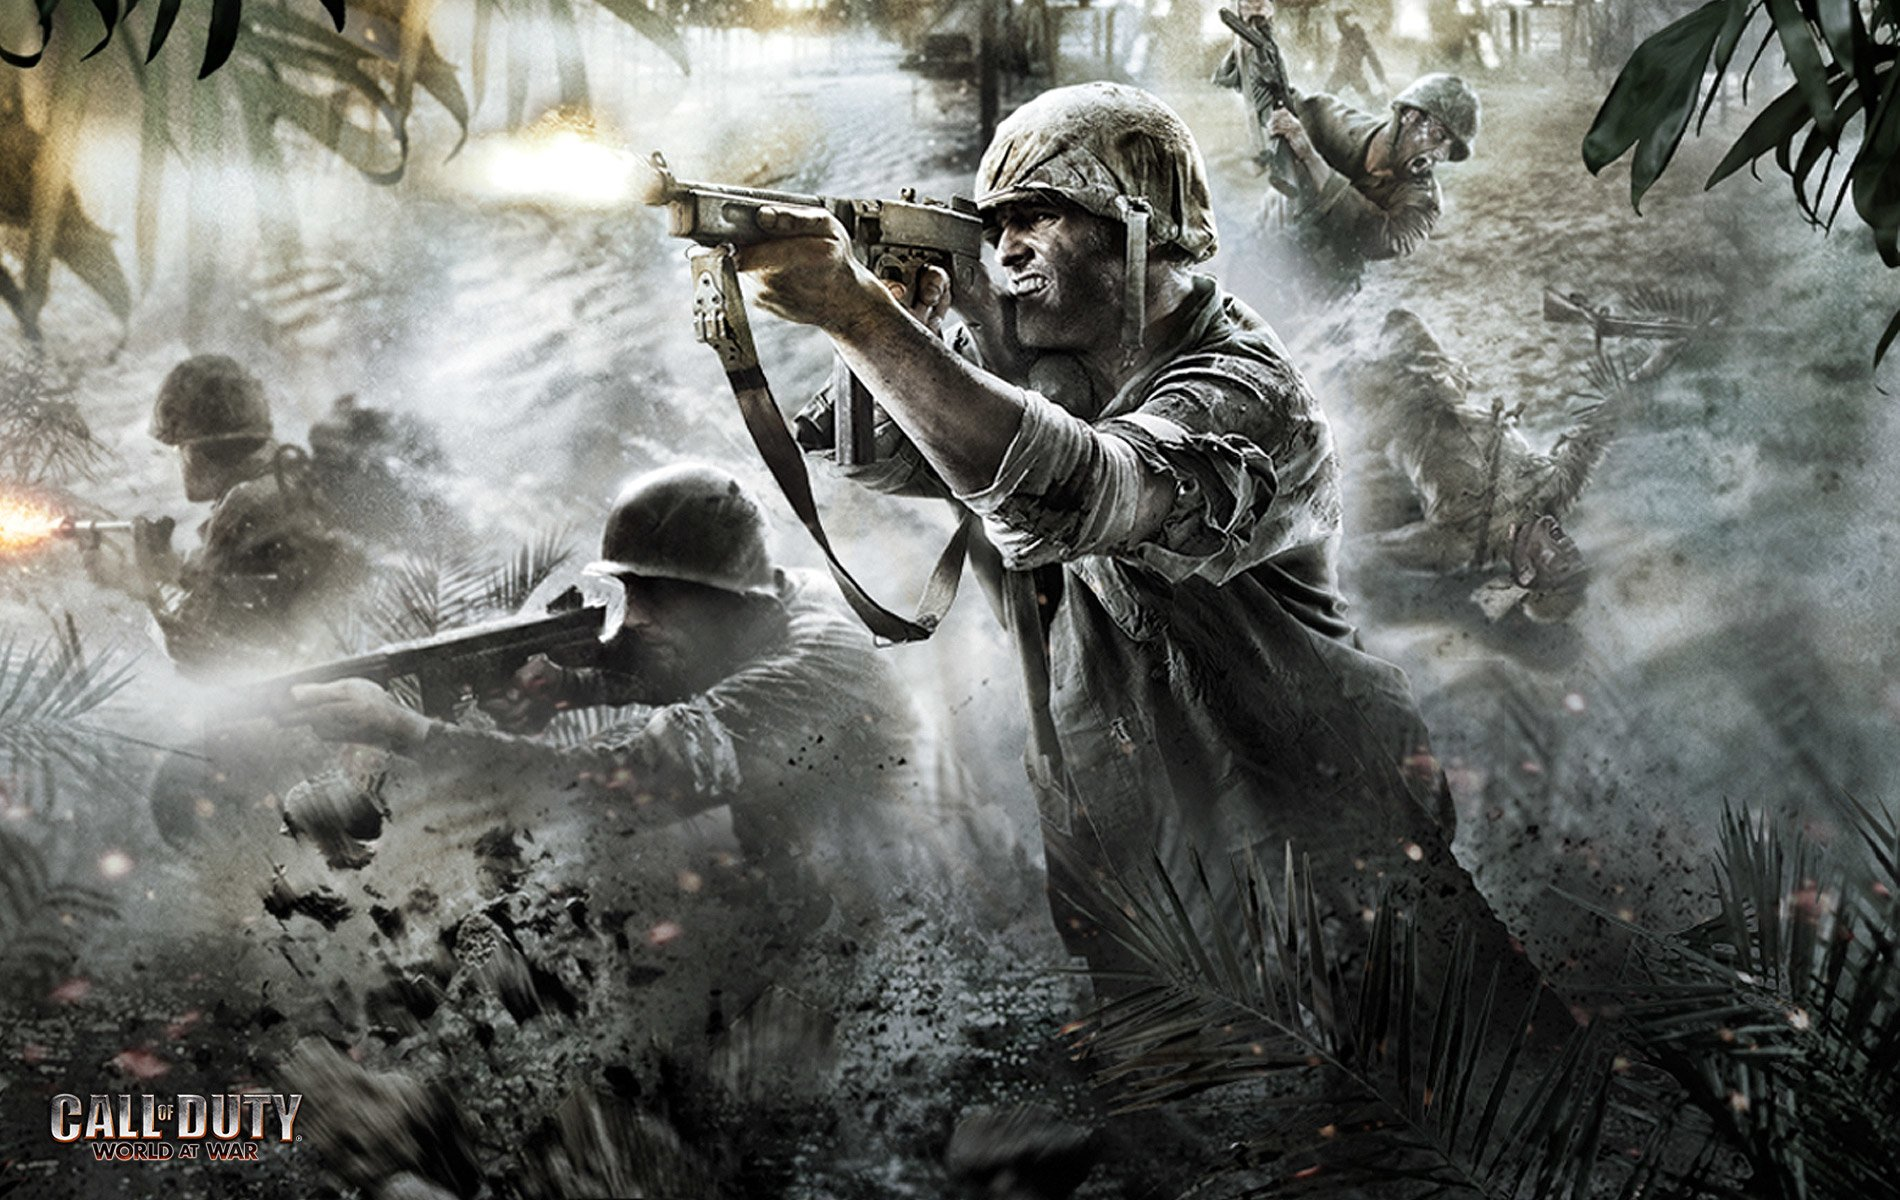 Call Of Duty Papel De Parede And Planos De Fundo